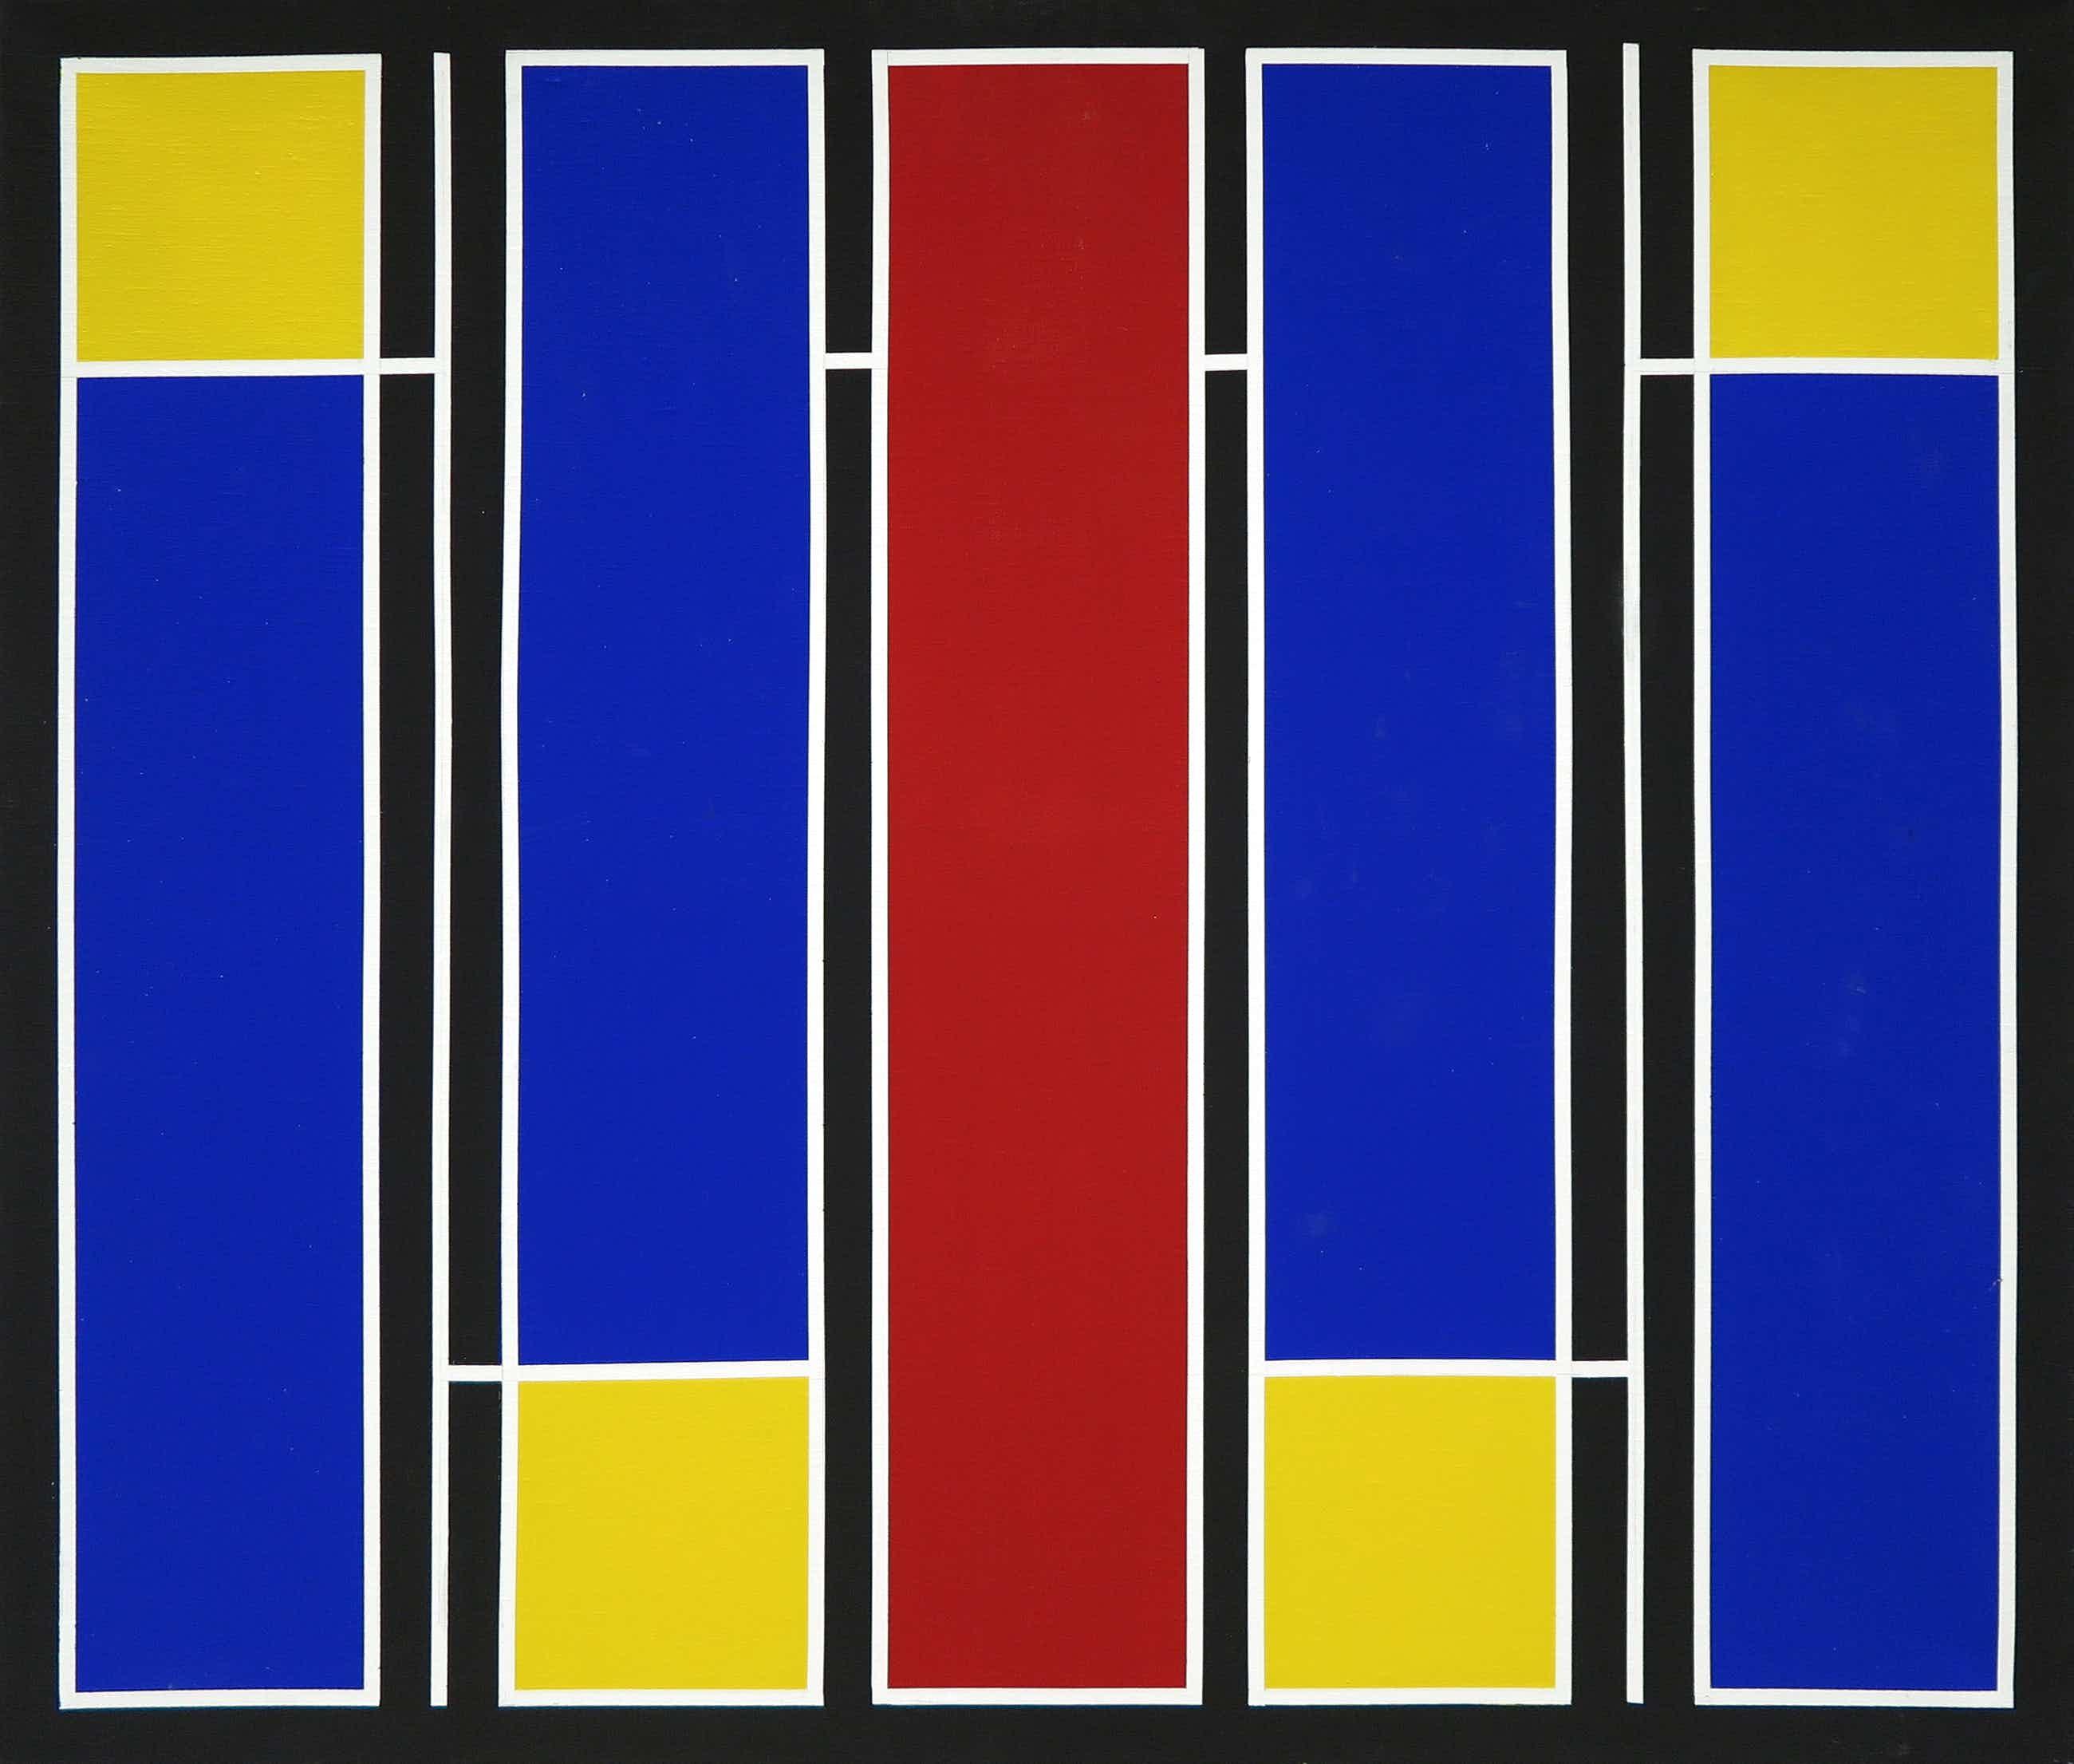 Siep van den Berg - Olieverf en potlood op doek, Compositie IV-27 (Groot) kopen? Bied vanaf 950!